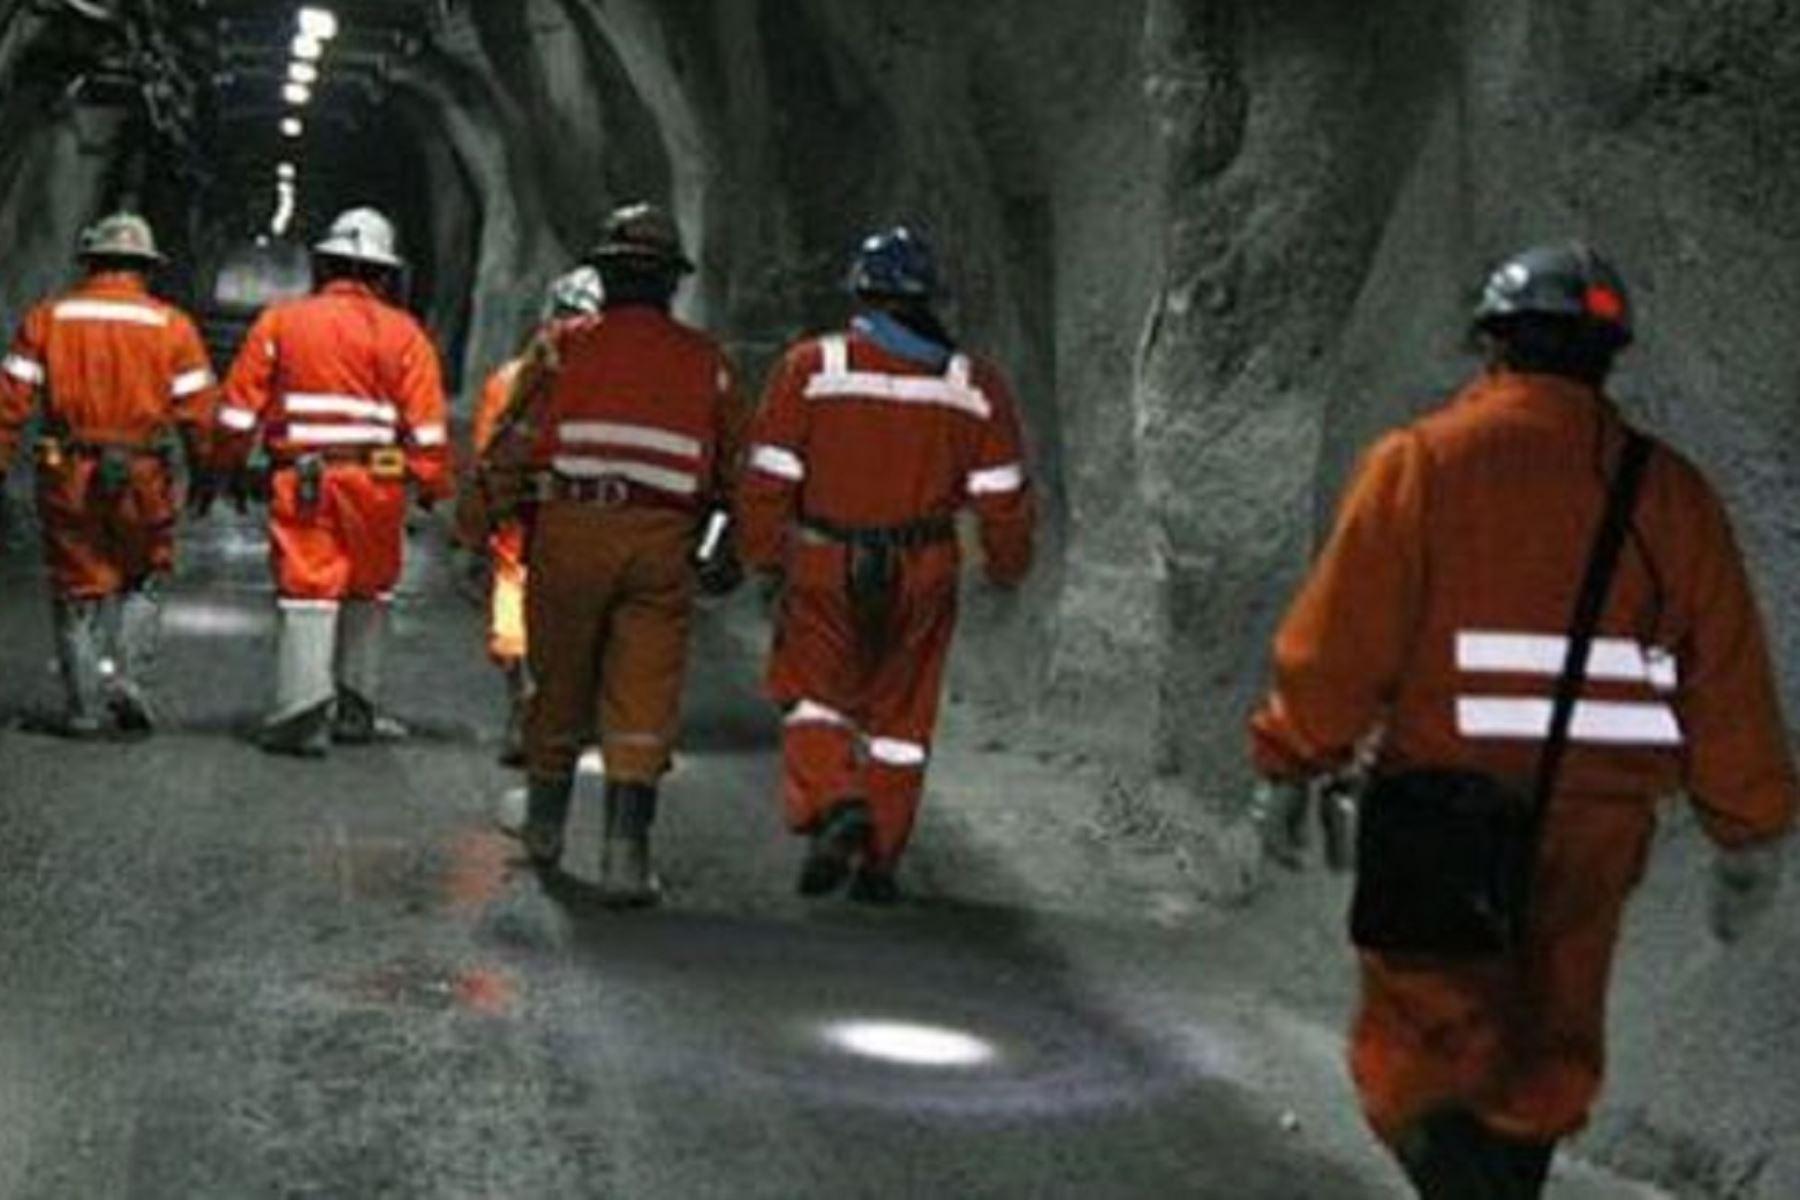 Minem: Empleo generado en minería es superior en 8% al que había antes de la pandemia